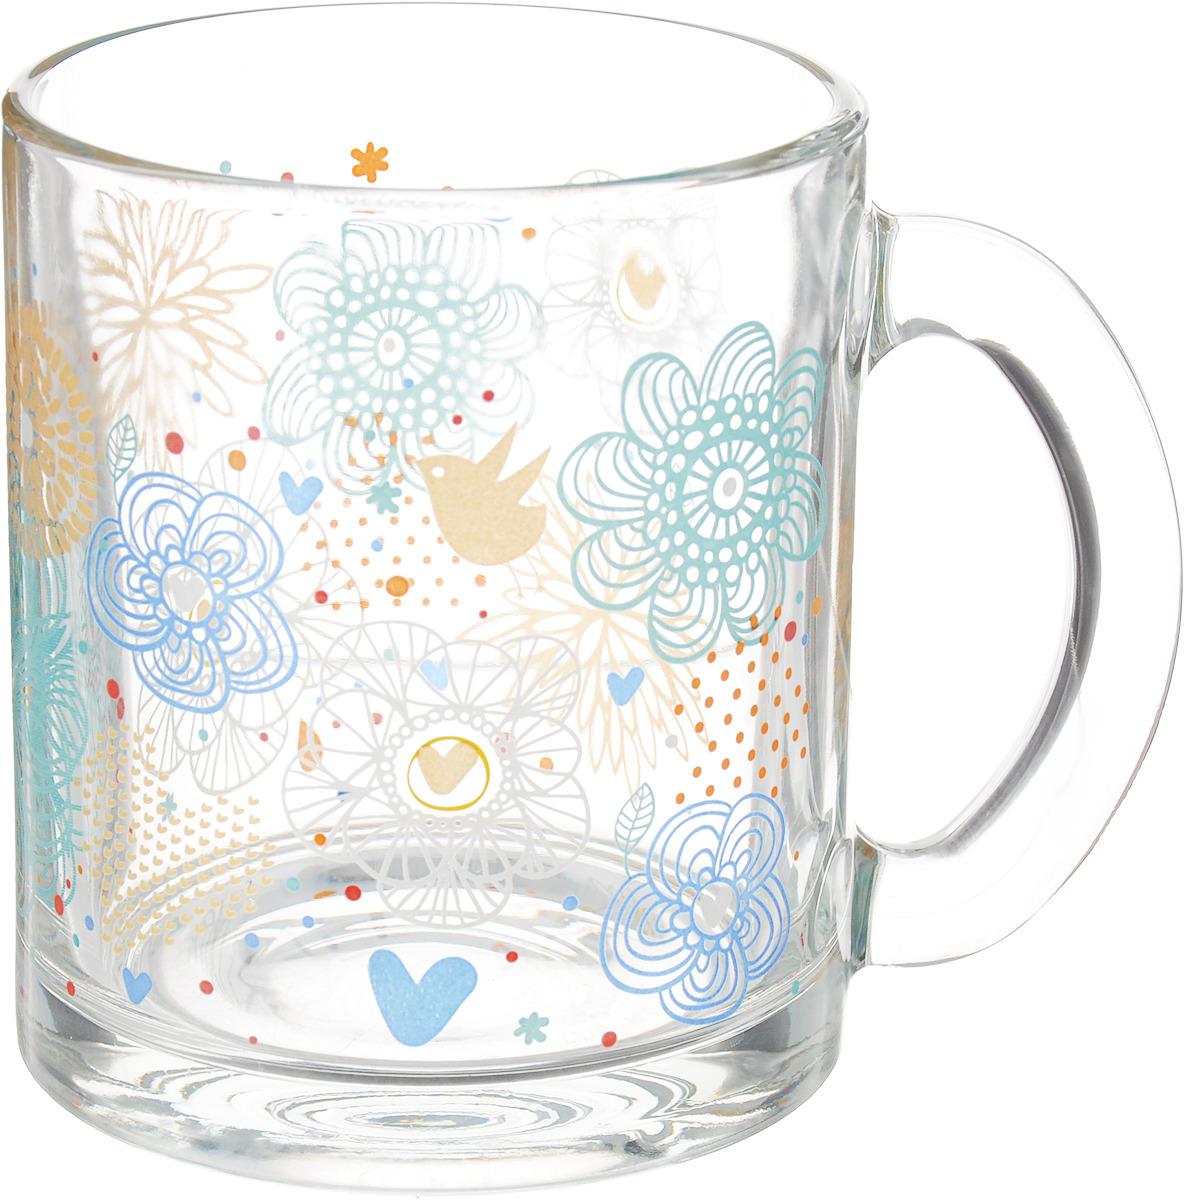 Кружка ОСЗ Чайная Нежное утро, 320 мл кружка осз чайная радужные цветы 300 мл